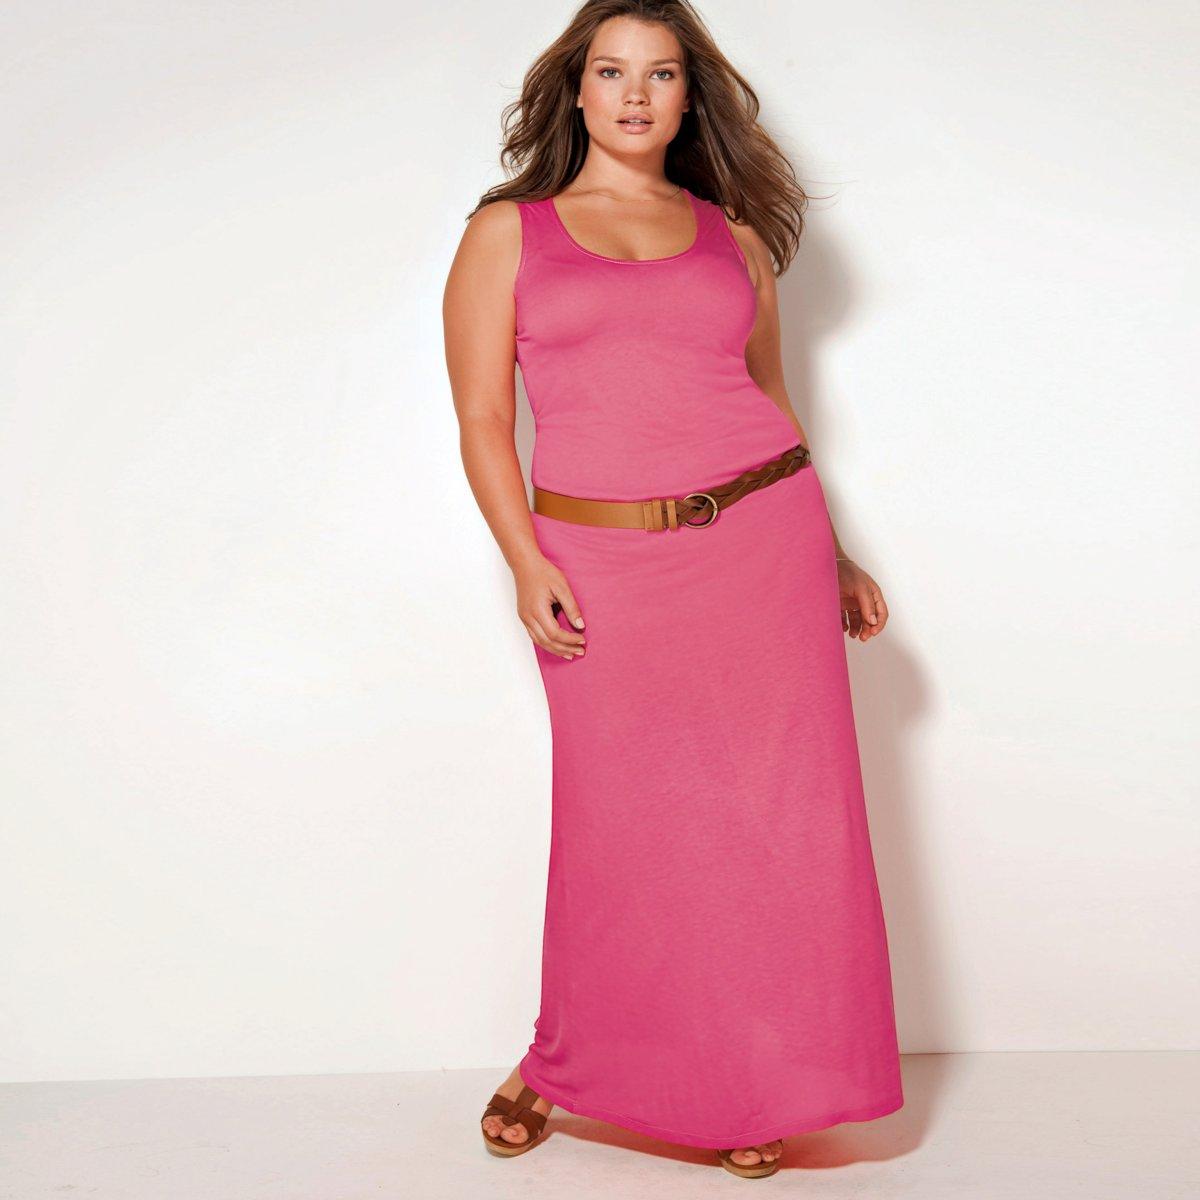 Описание: Платья для полных женщин La Redoute.